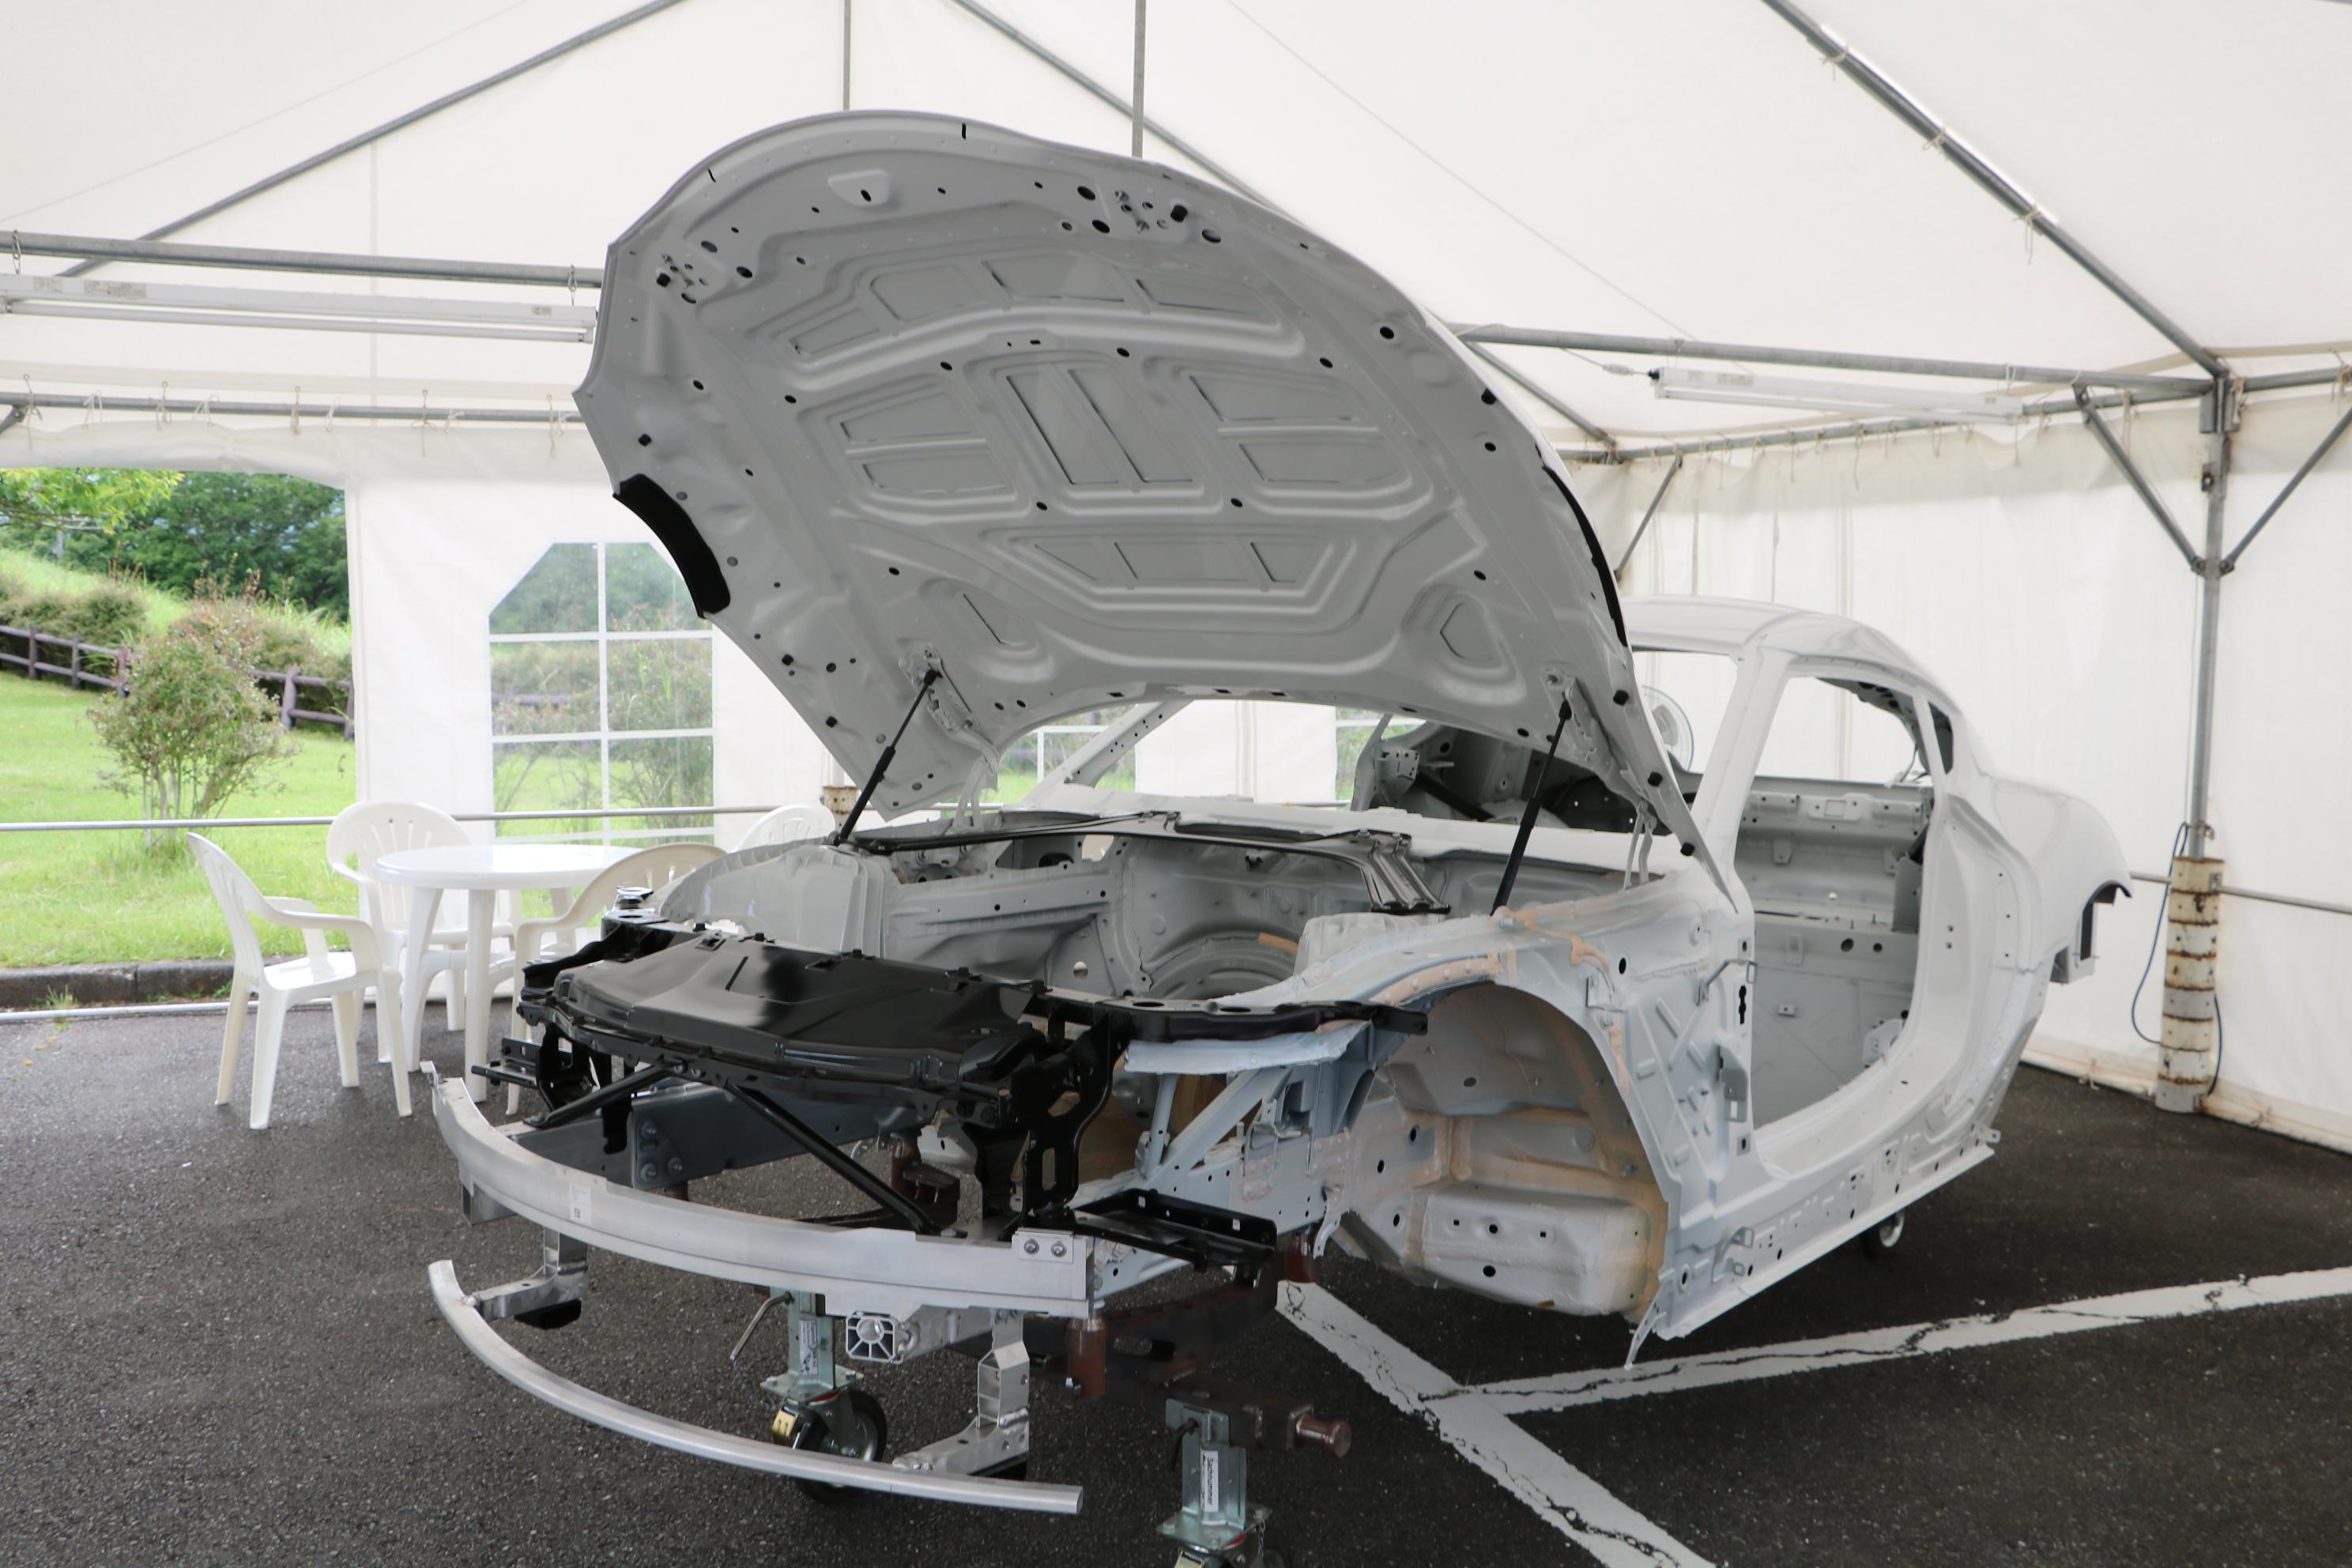 トヨタ GRスープラ RZ 徹底試乗レビュー!トヨタが送る新世代FRスポーツ、スープラの走り、フィーリングはいかに?